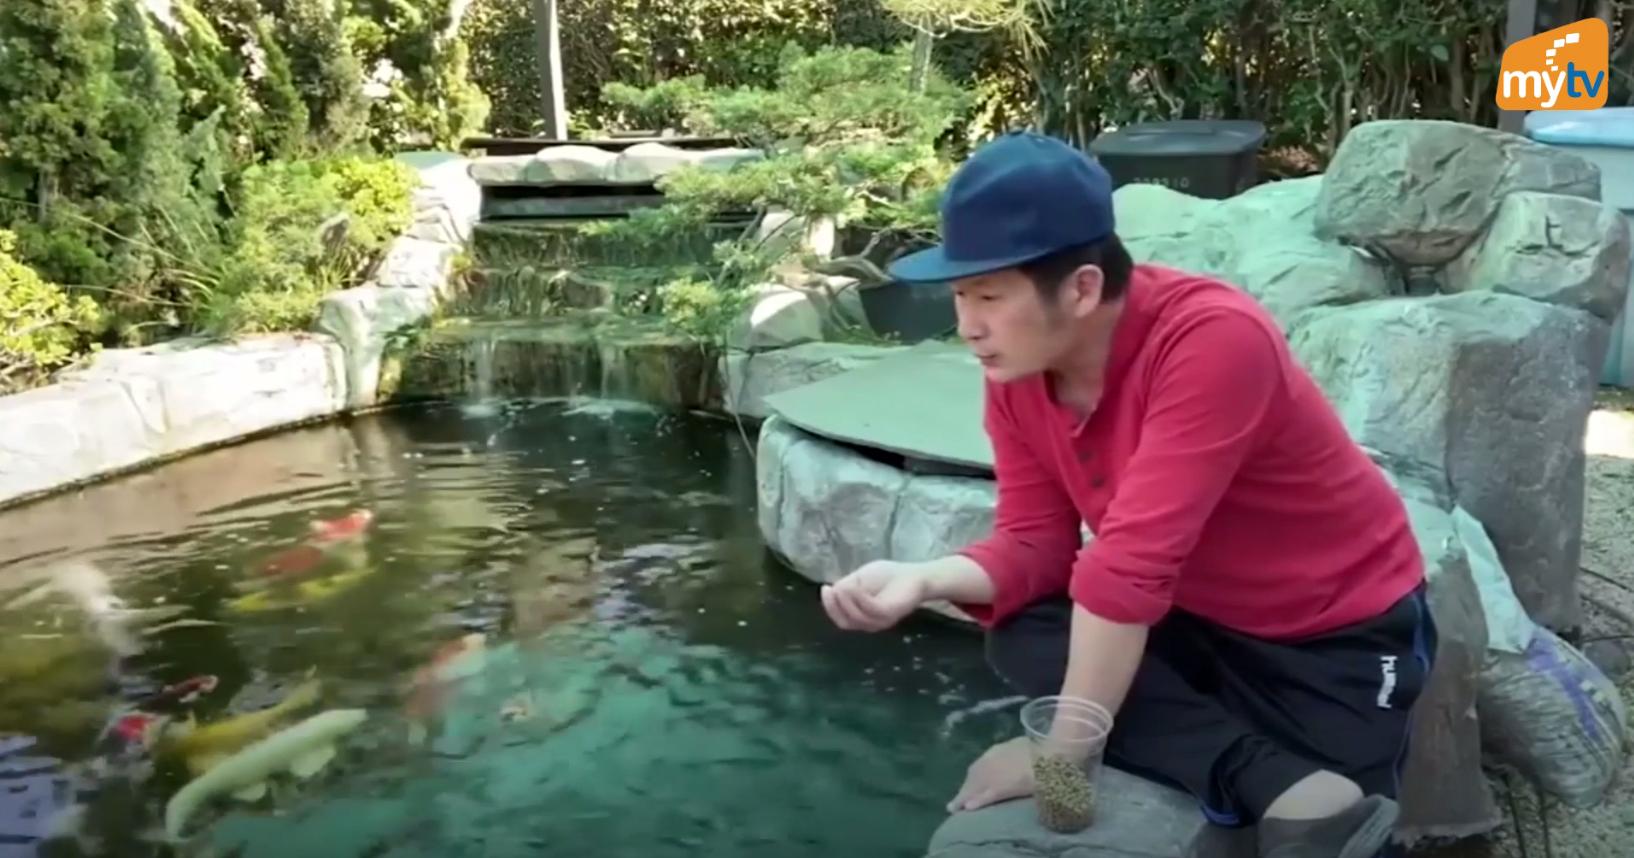 Hồ cá Koi được nuôi hơn 10 năm của ca sĩ Bằng Kiều